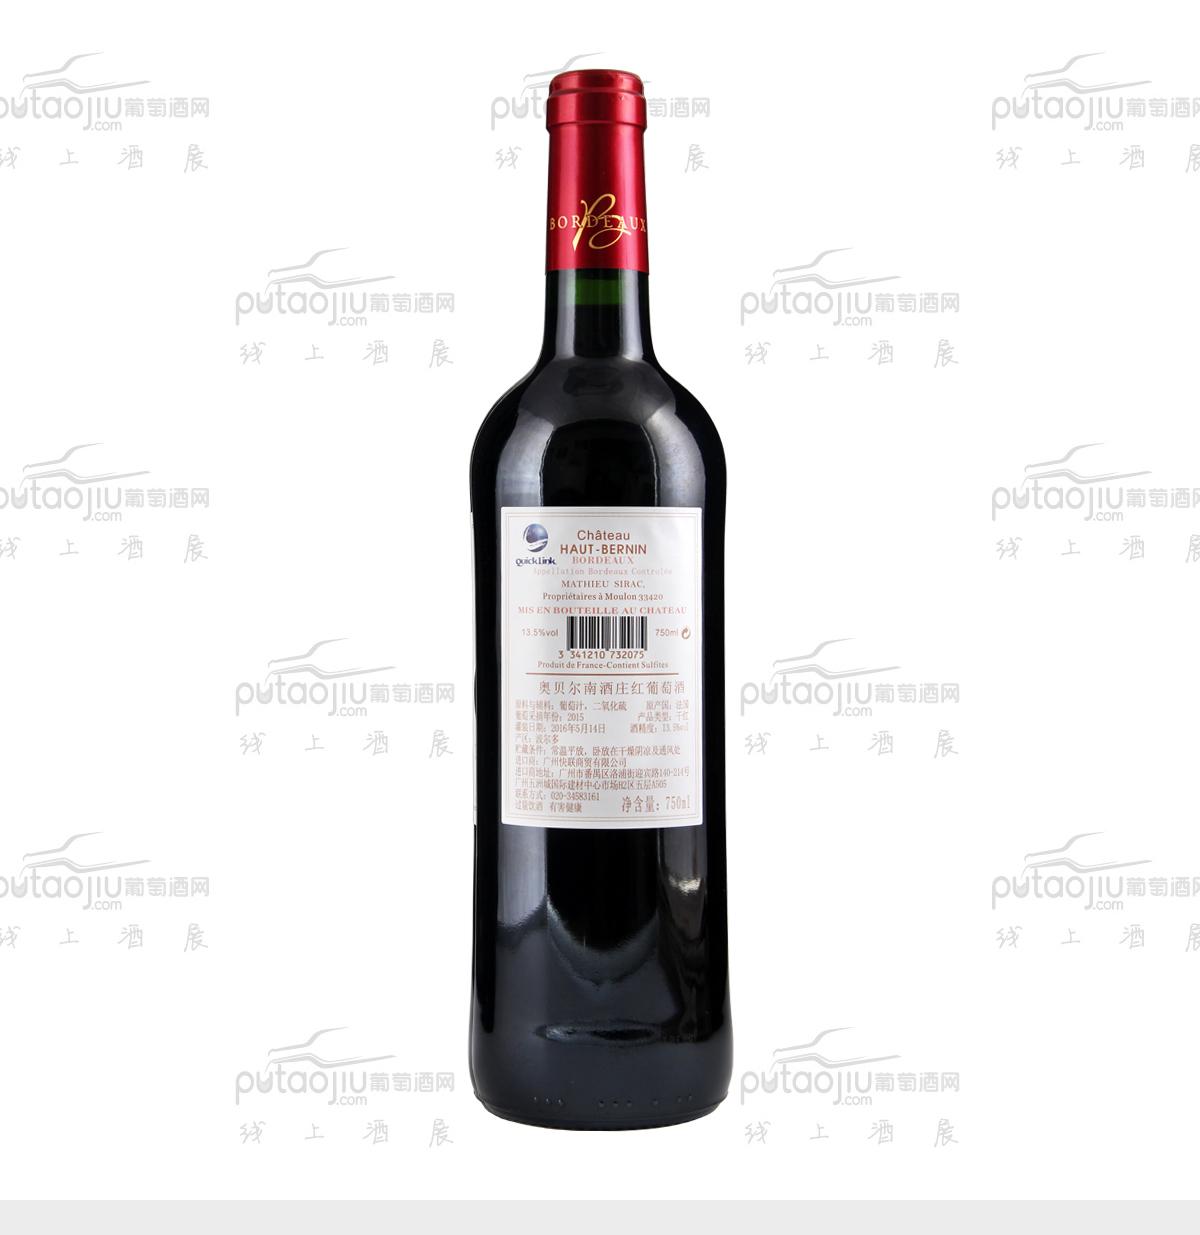 法国波尔多圣艾美隆奥贝尔南酒庄赤霞珠梅洛AOC干红葡萄酒